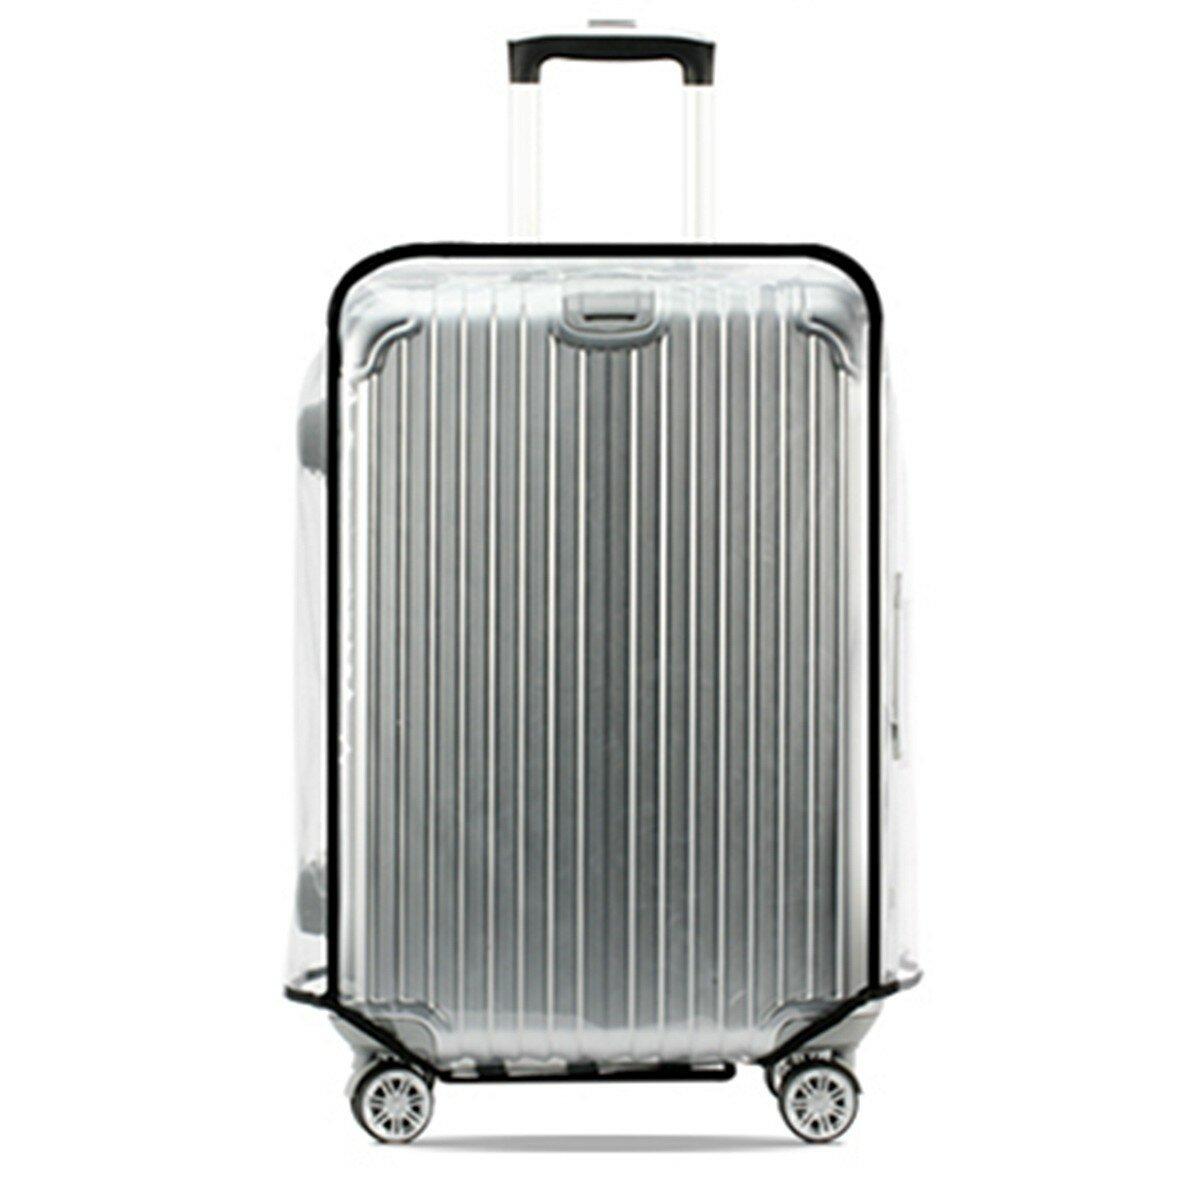 Viaggio valigia custodia valigia protettiva trasparente impermeabile universale